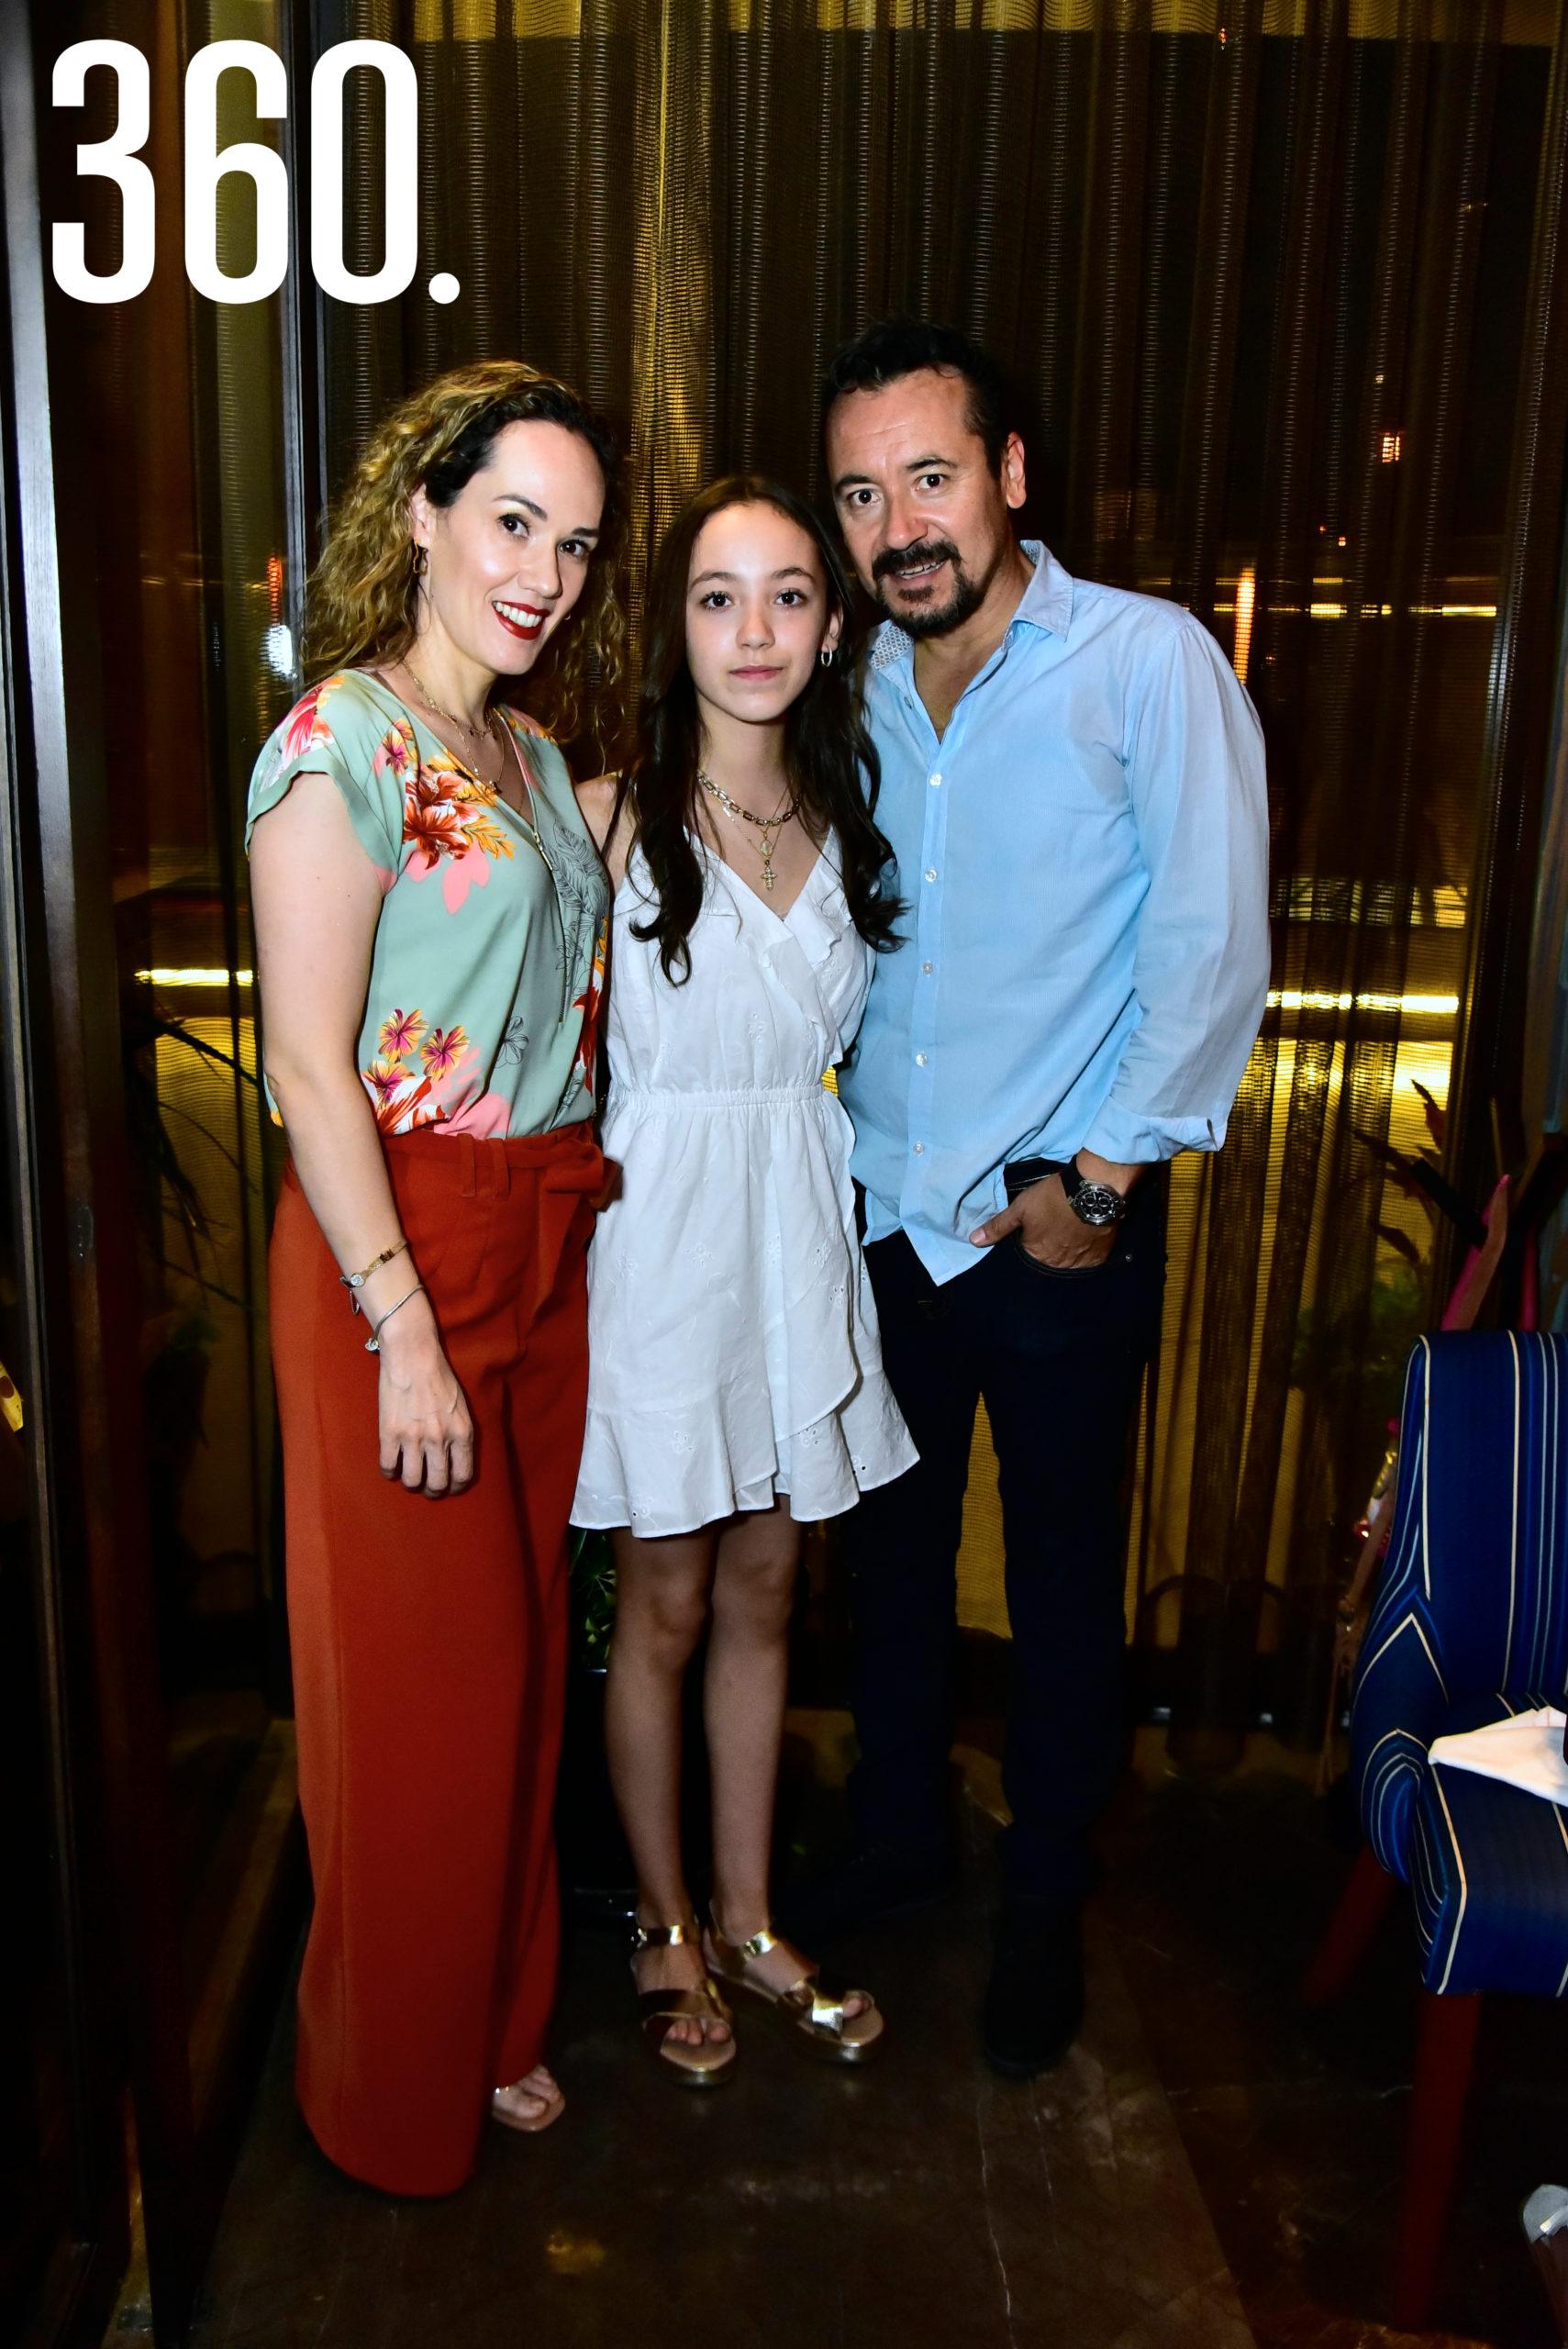 Paola Haro, Regina Delgado Haro y Carlos Delgado.